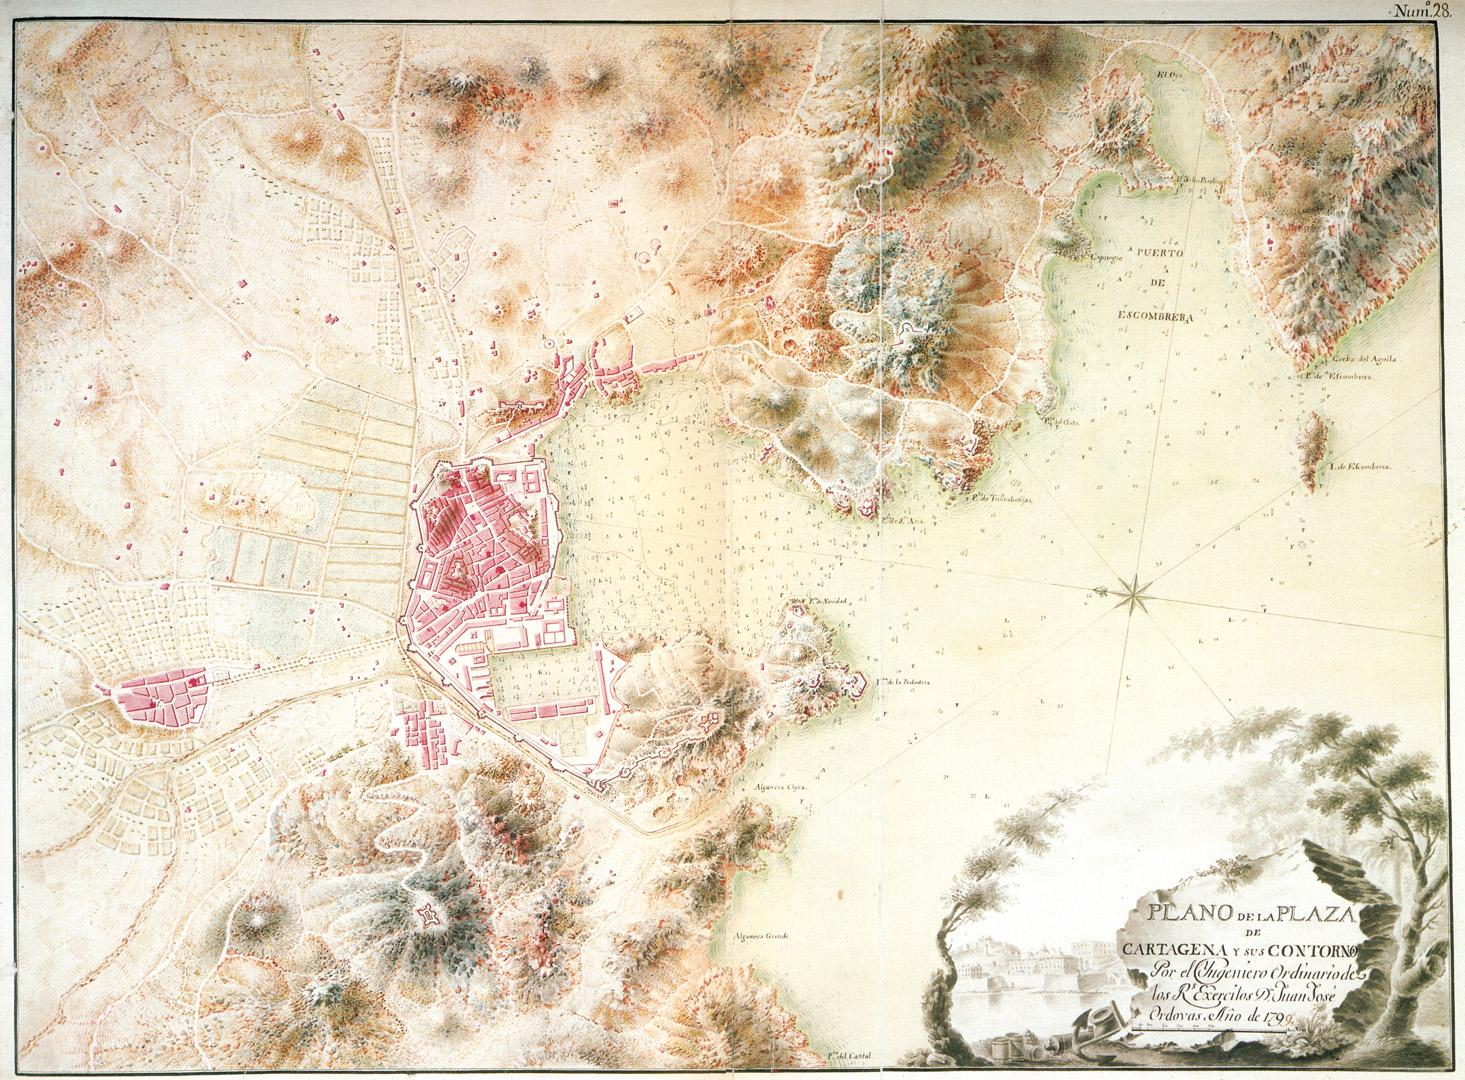 Plano de la Plaza de Cartagena y sus contornos 1799